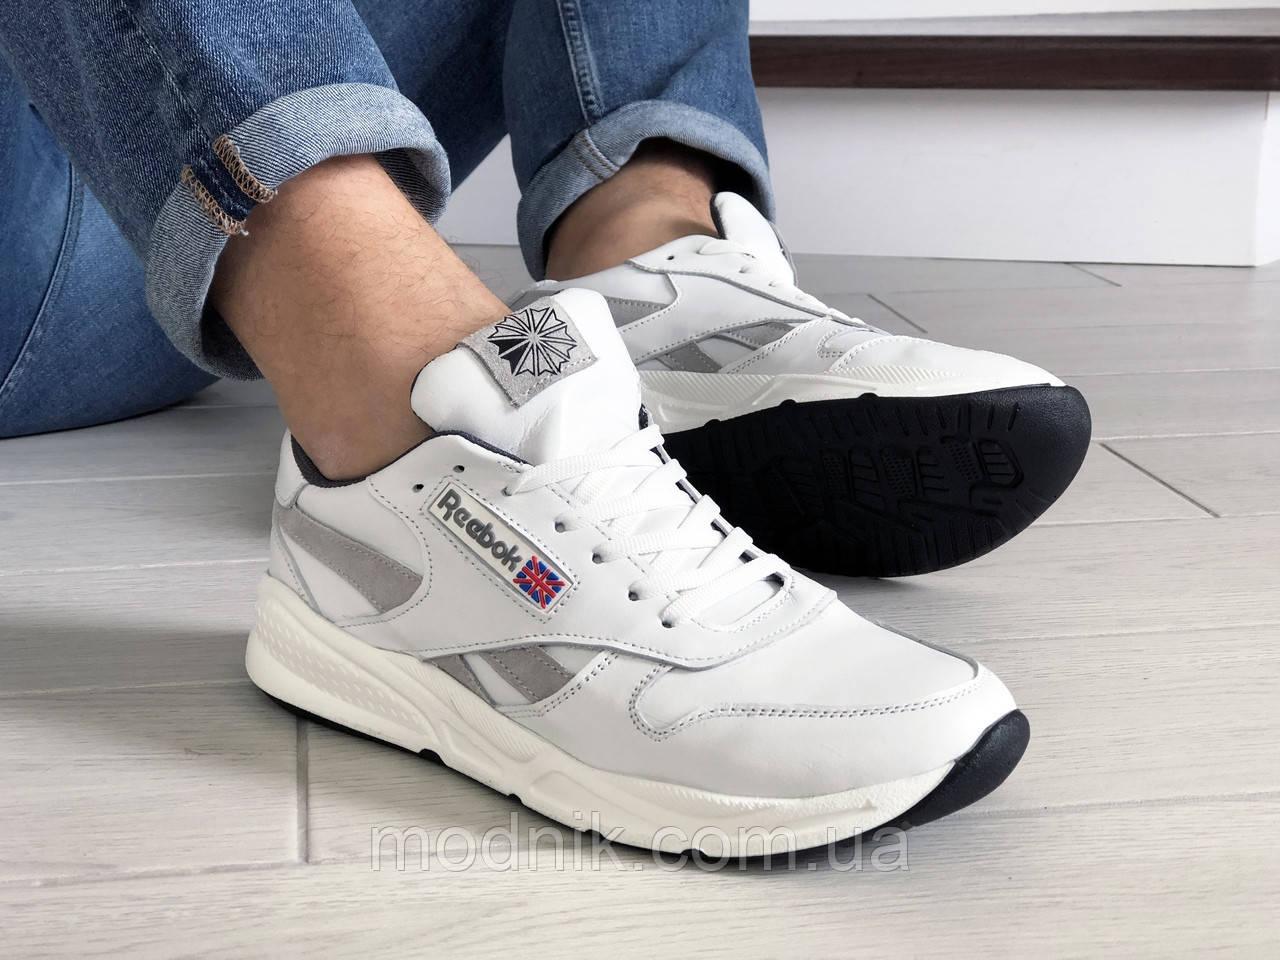 Мужские кроссовки Reebok (белые) 9239